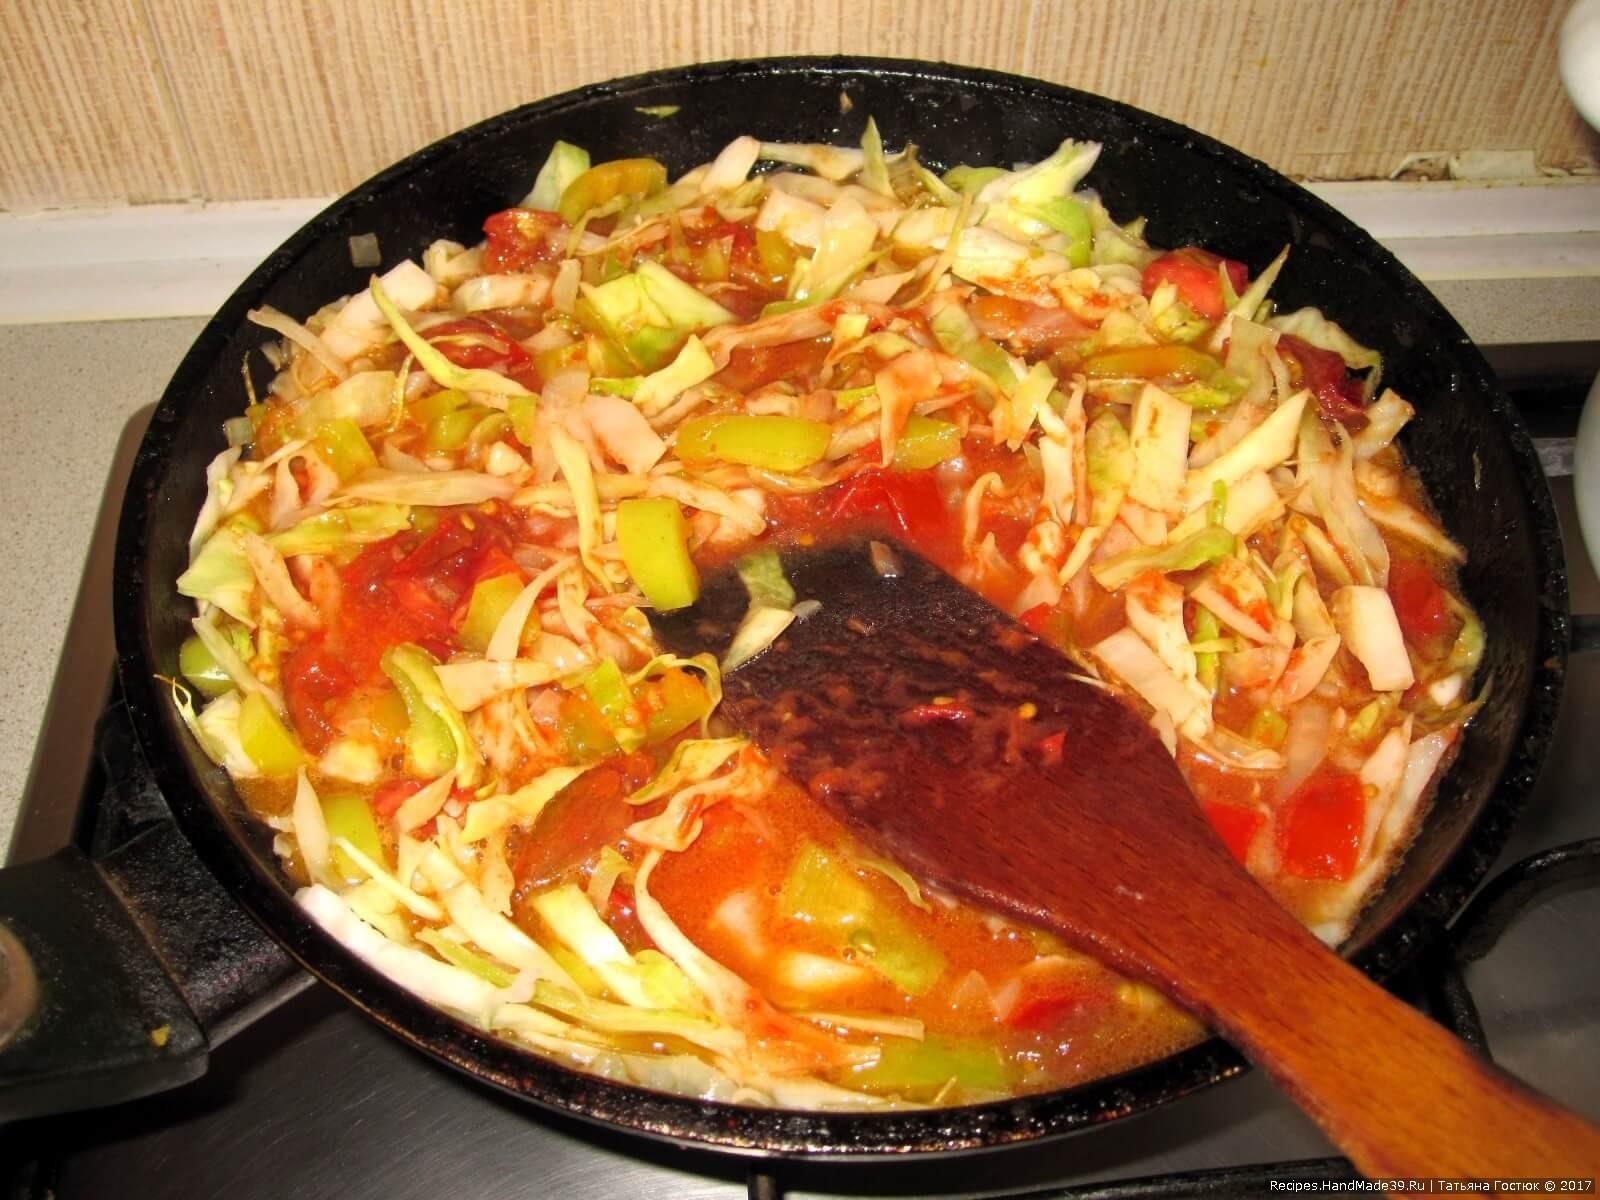 Добавляем порезанные кубиками помидоры, томатную пасту, солим по вкусу, вновь накрываем крышкой и тушим 10 минут